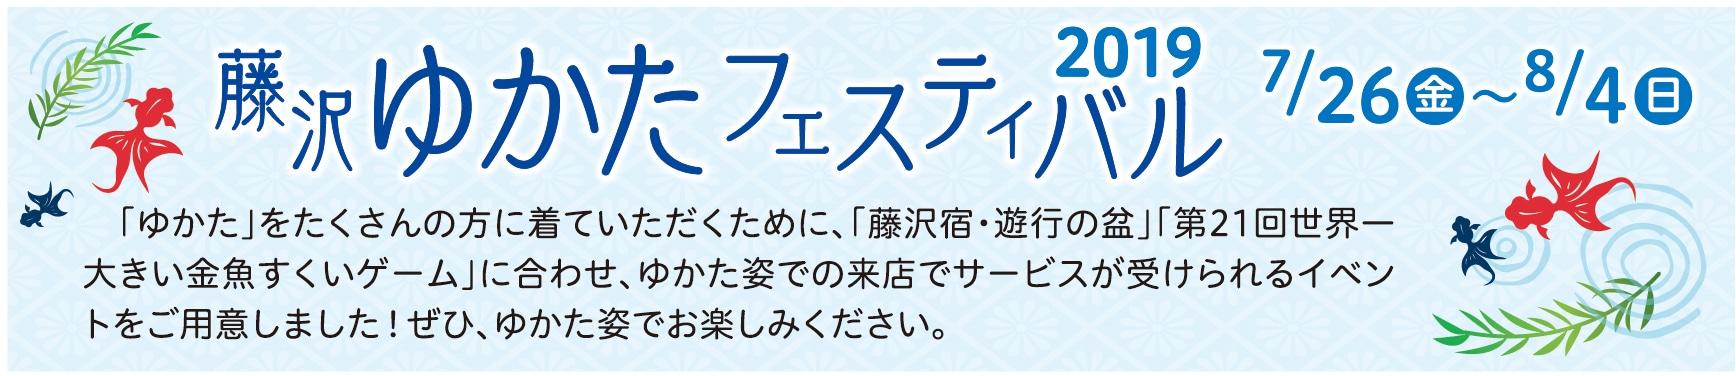 「ゆかた」をたくさんの方に着ていただくために、「藤沢宿・遊行の盆」「第21回世界一大きい金魚すくいゲーム」に合わせ、ゆかた姿での来店でサービスが受けられるイベントをご用意しました!ぜひ、ゆかた姿でお楽しみください。